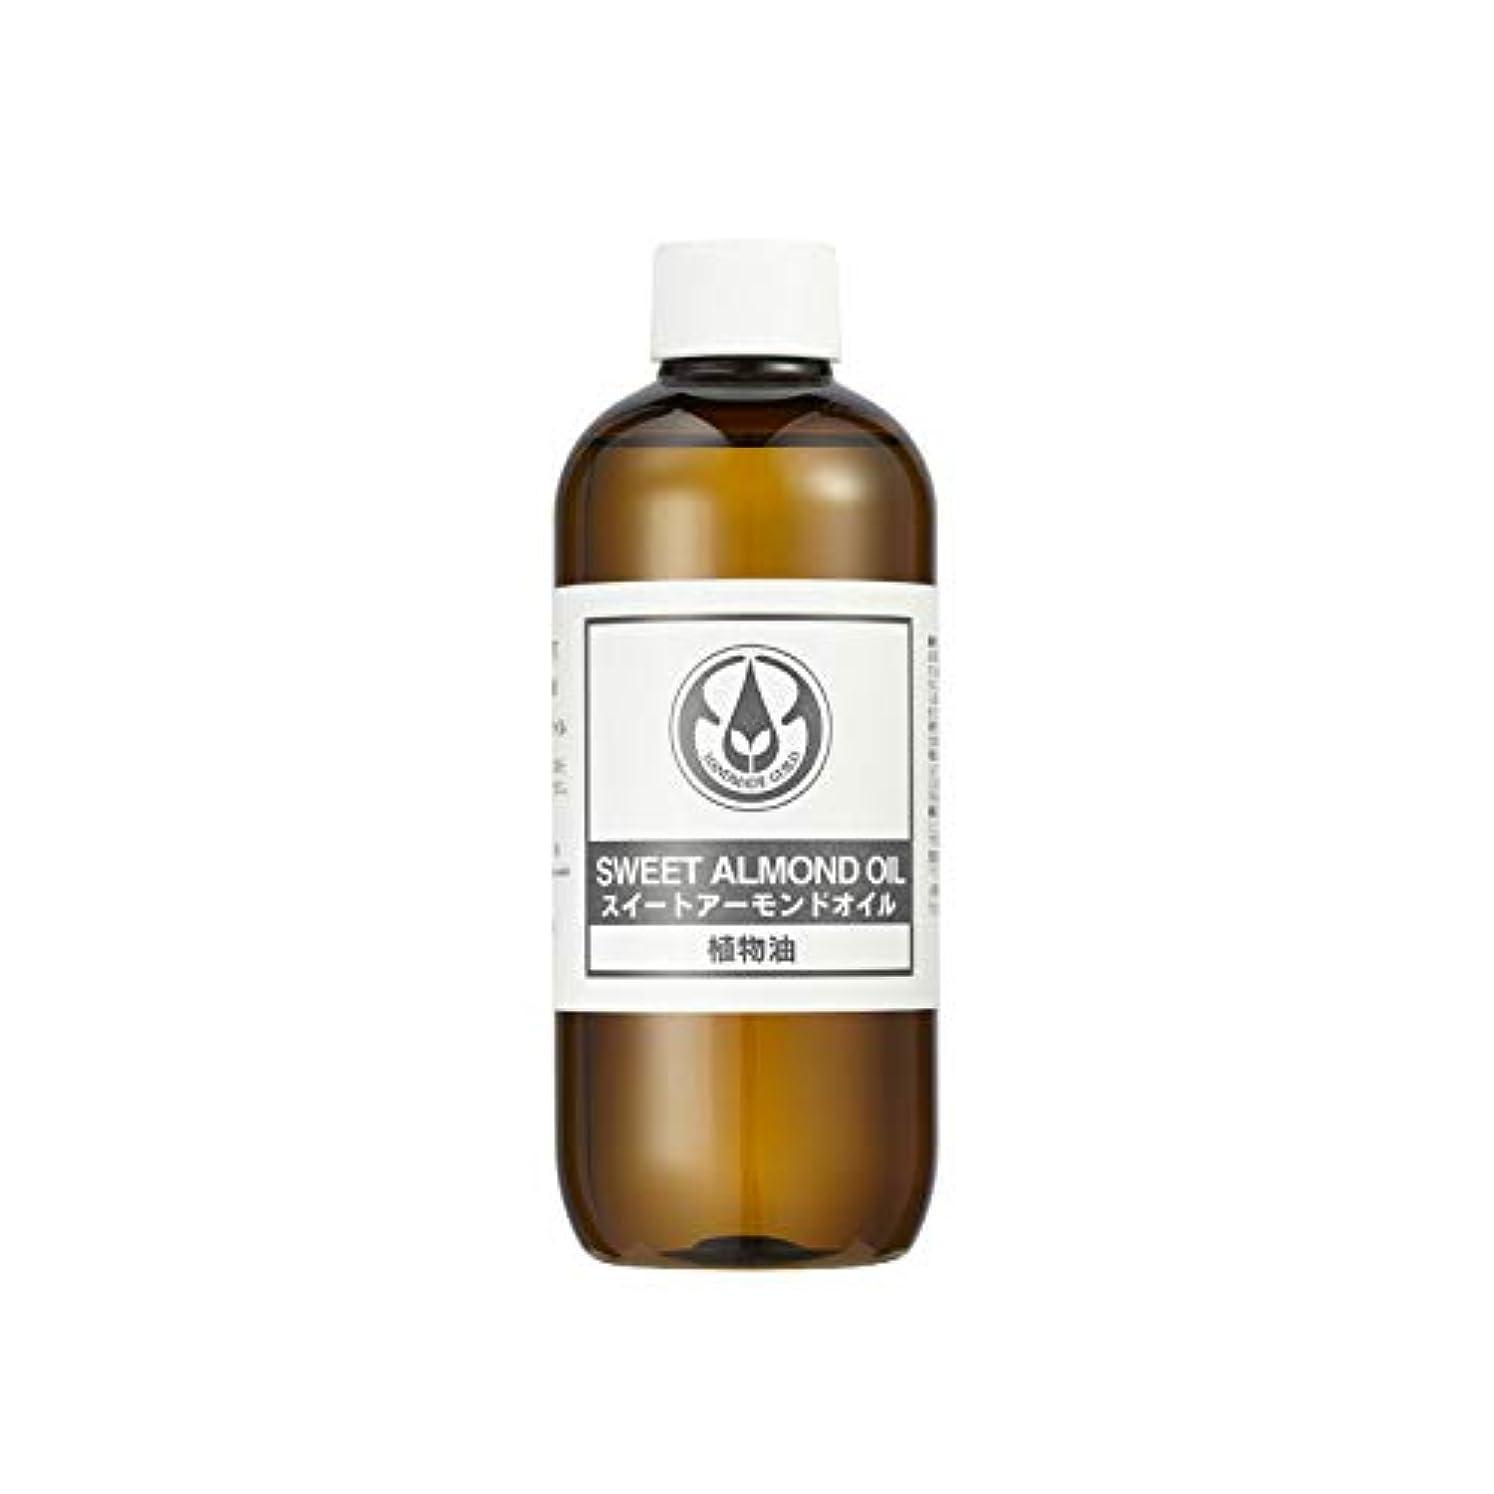 おとこレーザ慣れている生活の木 スイート アーモンド油 250ml 2本